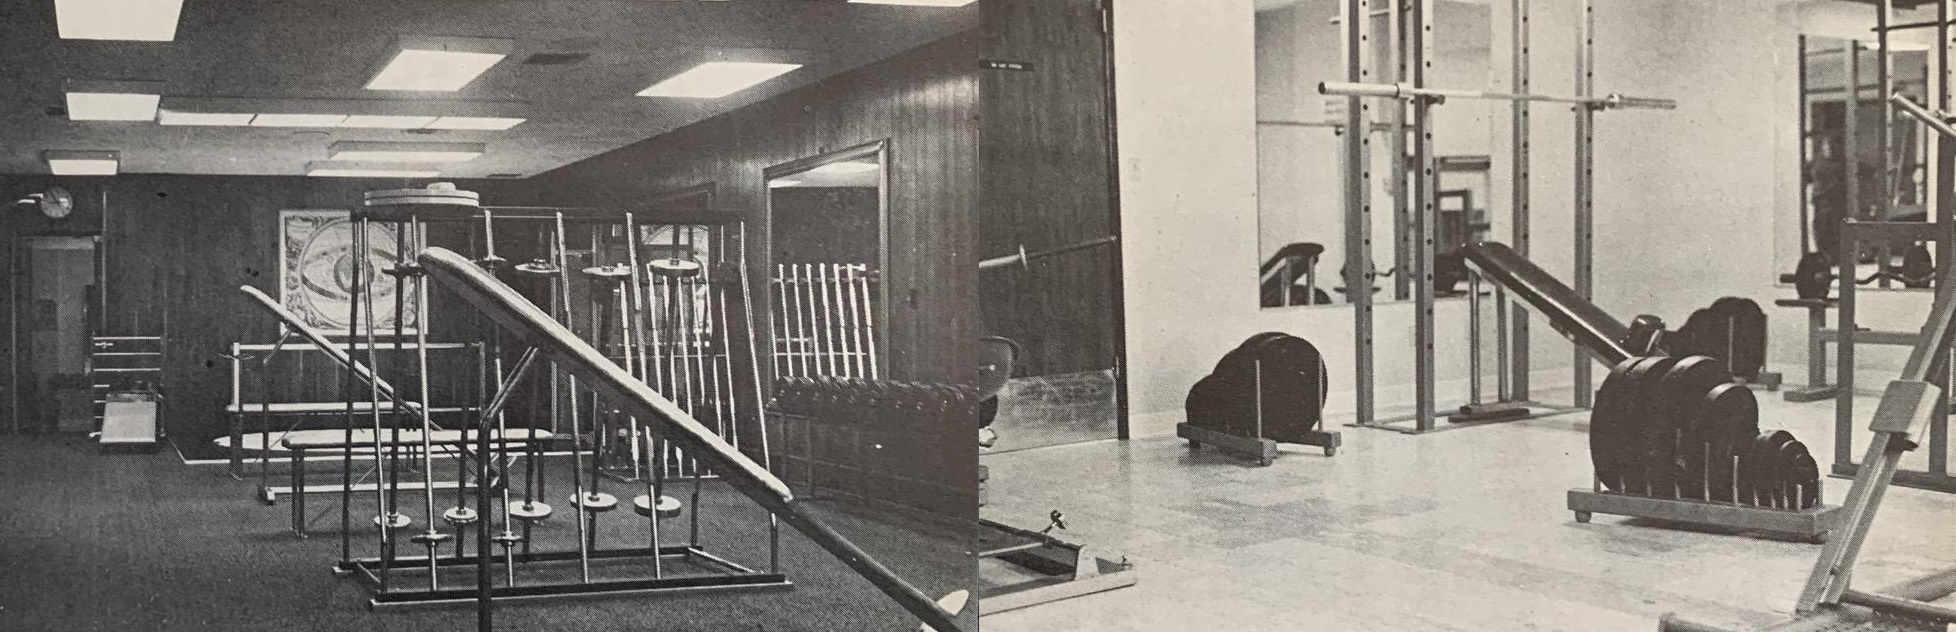 Bill Pearl Gym oldschool